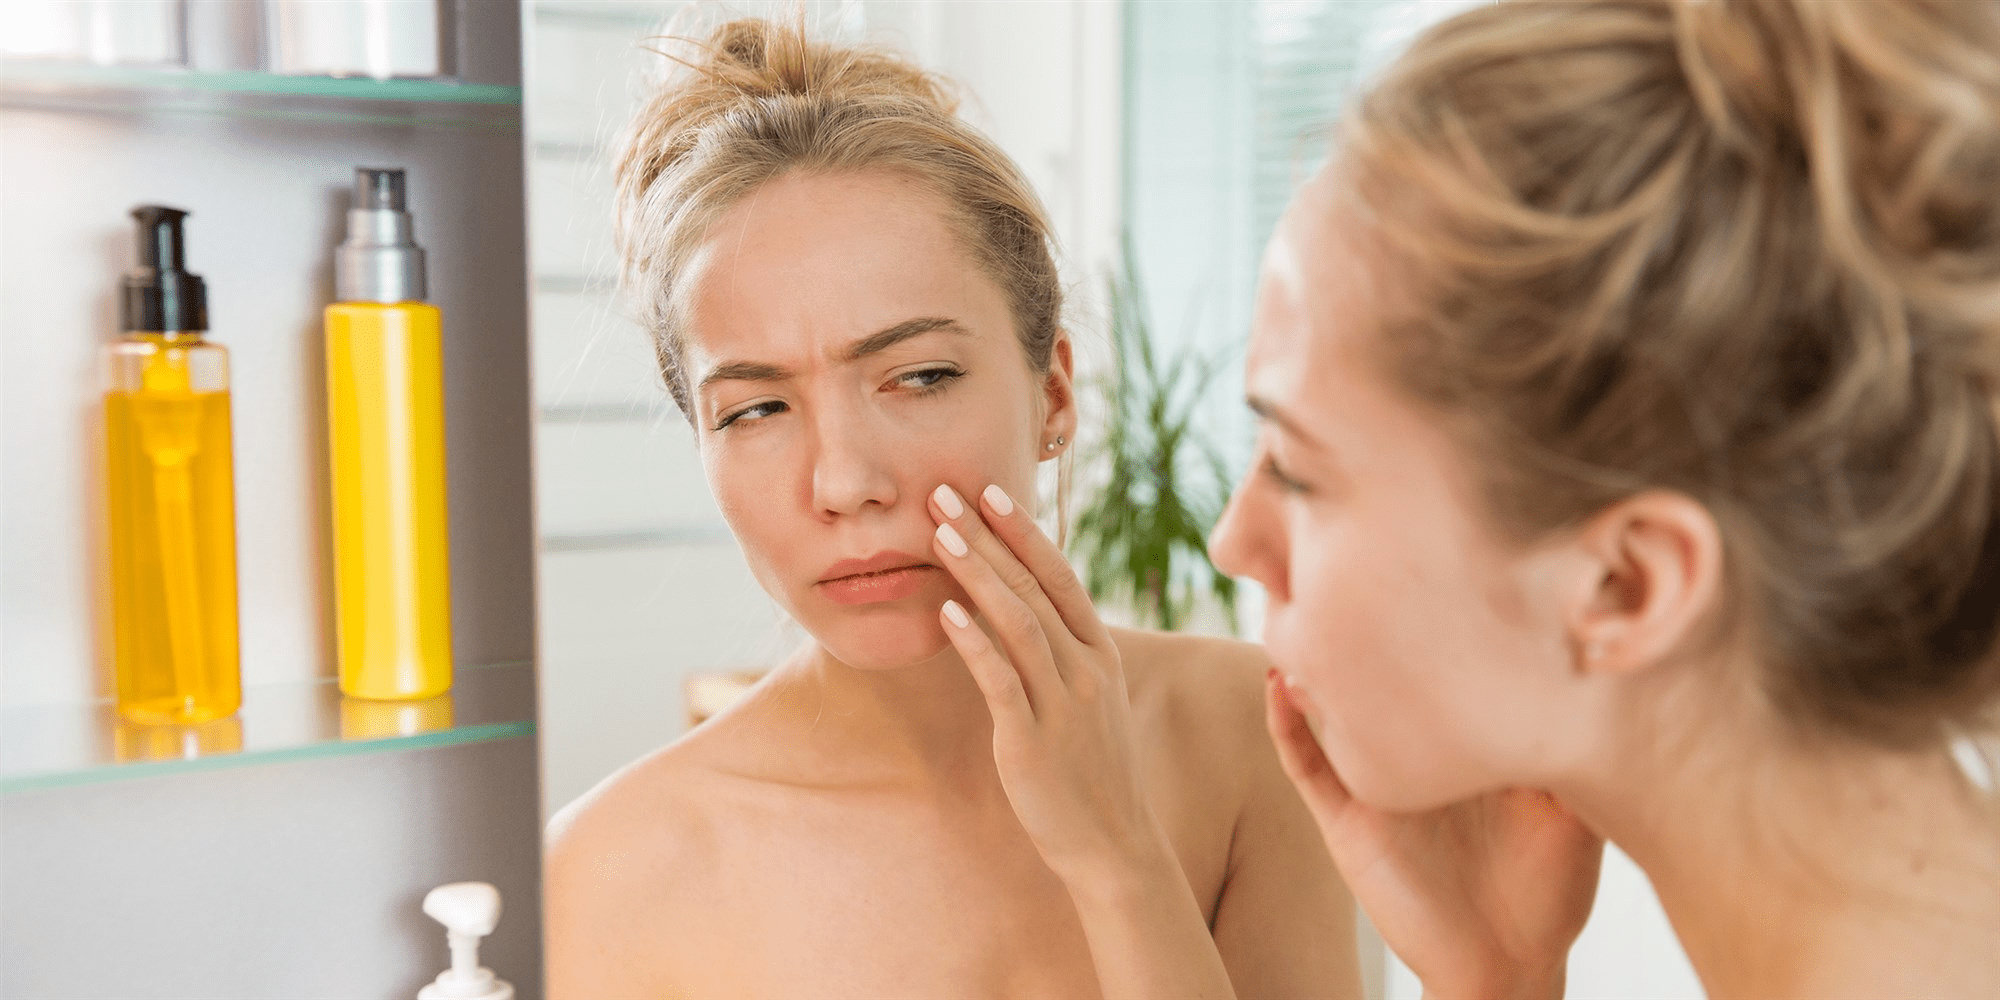 treating-facial-redness